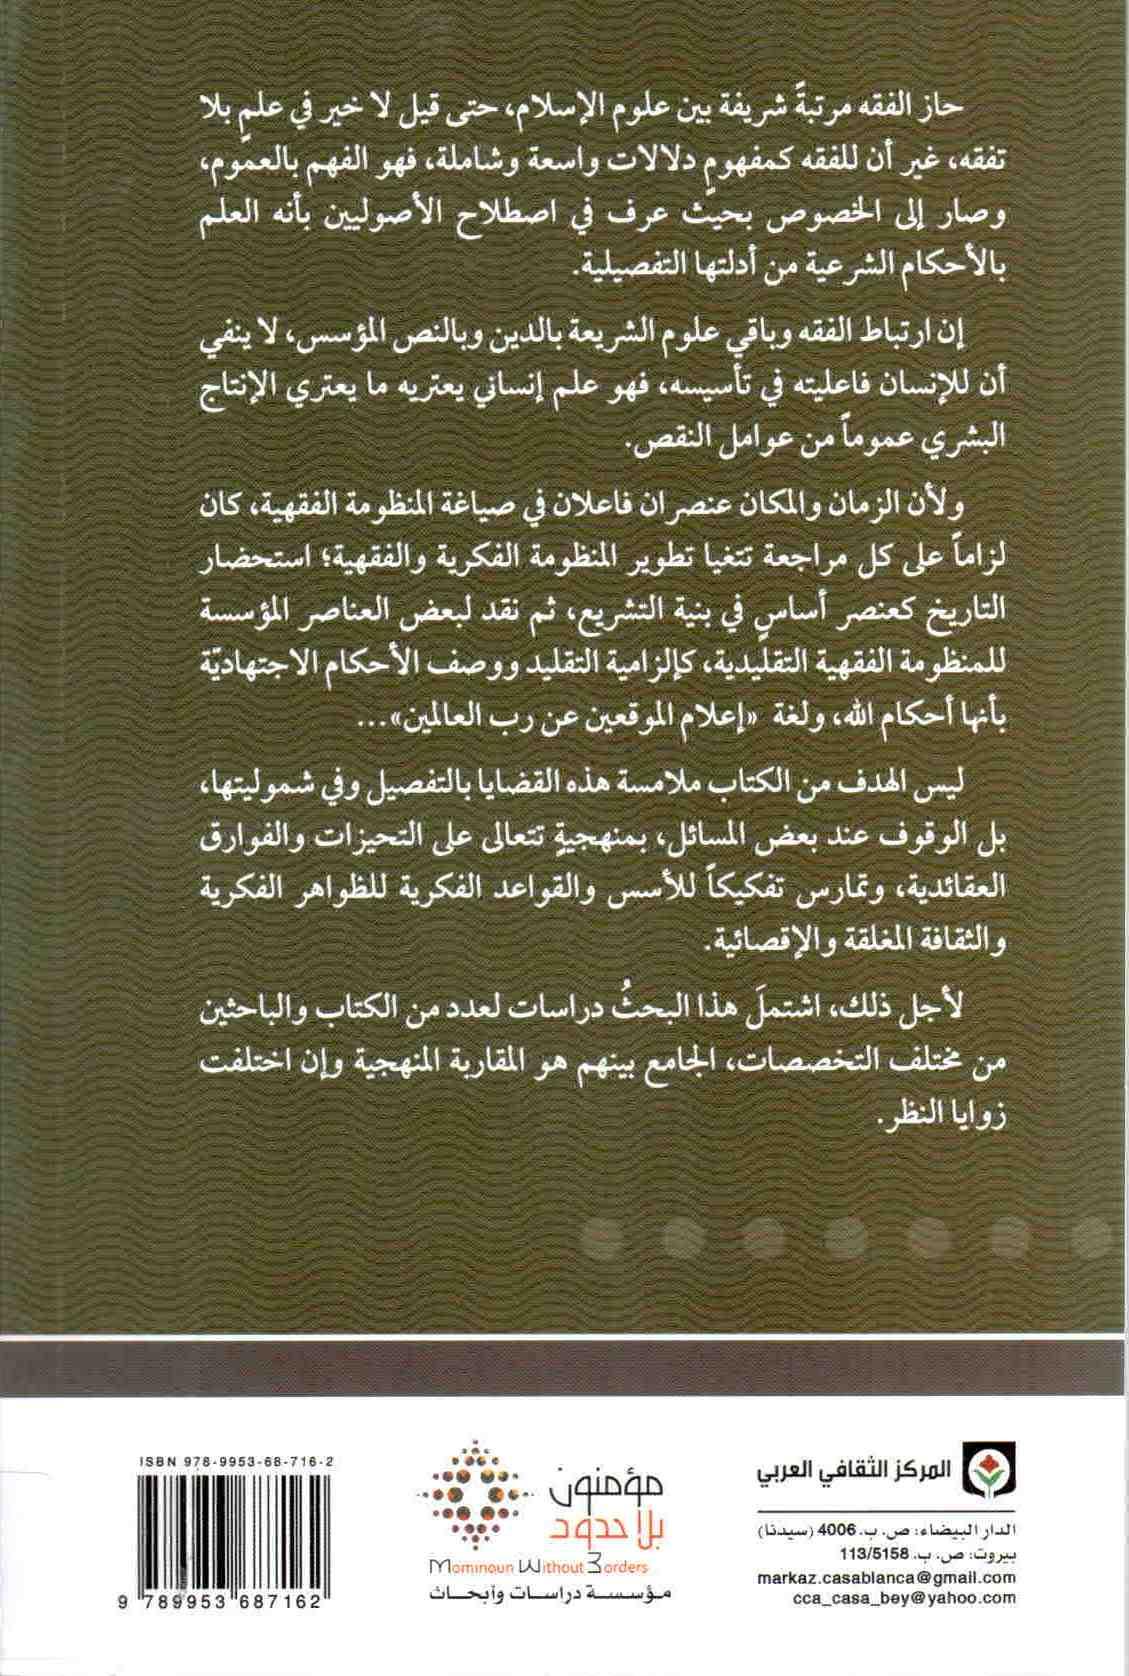 غلاف كتاب قضايا منهجية في الفقه والتشريع الإسلامي